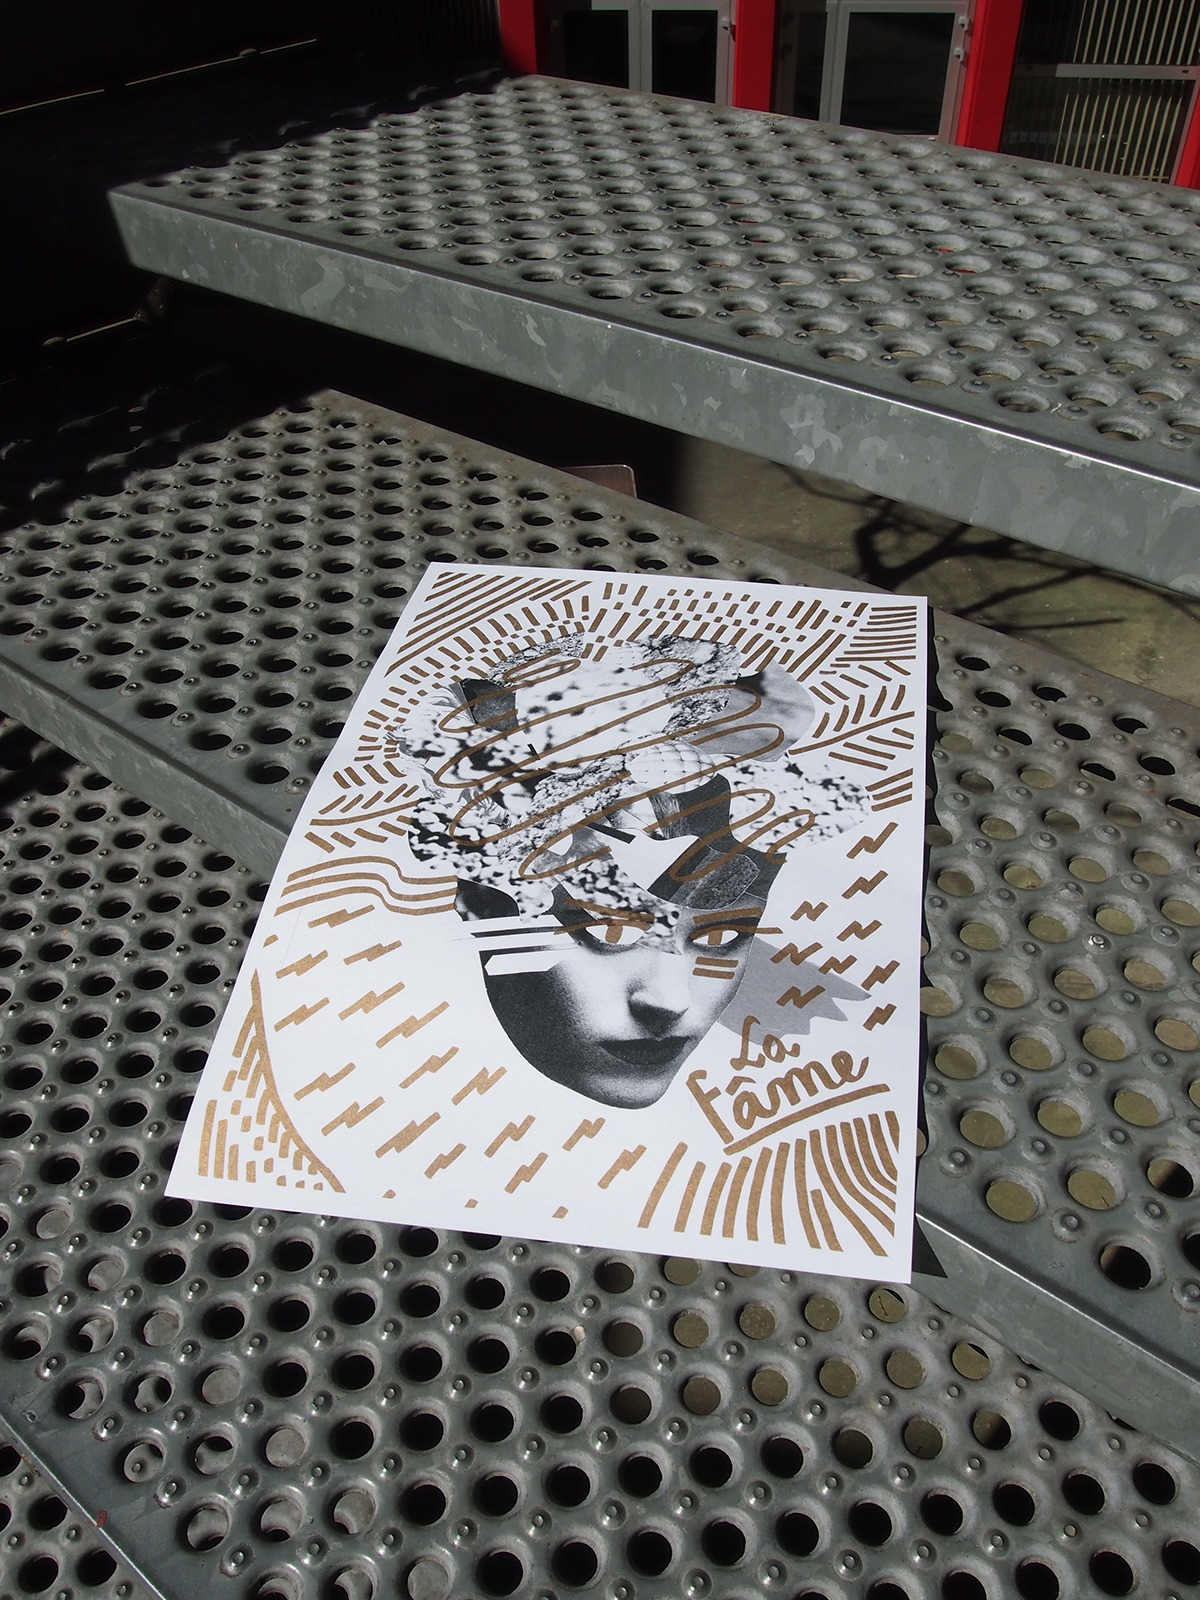 Riso Print silk-screen collage